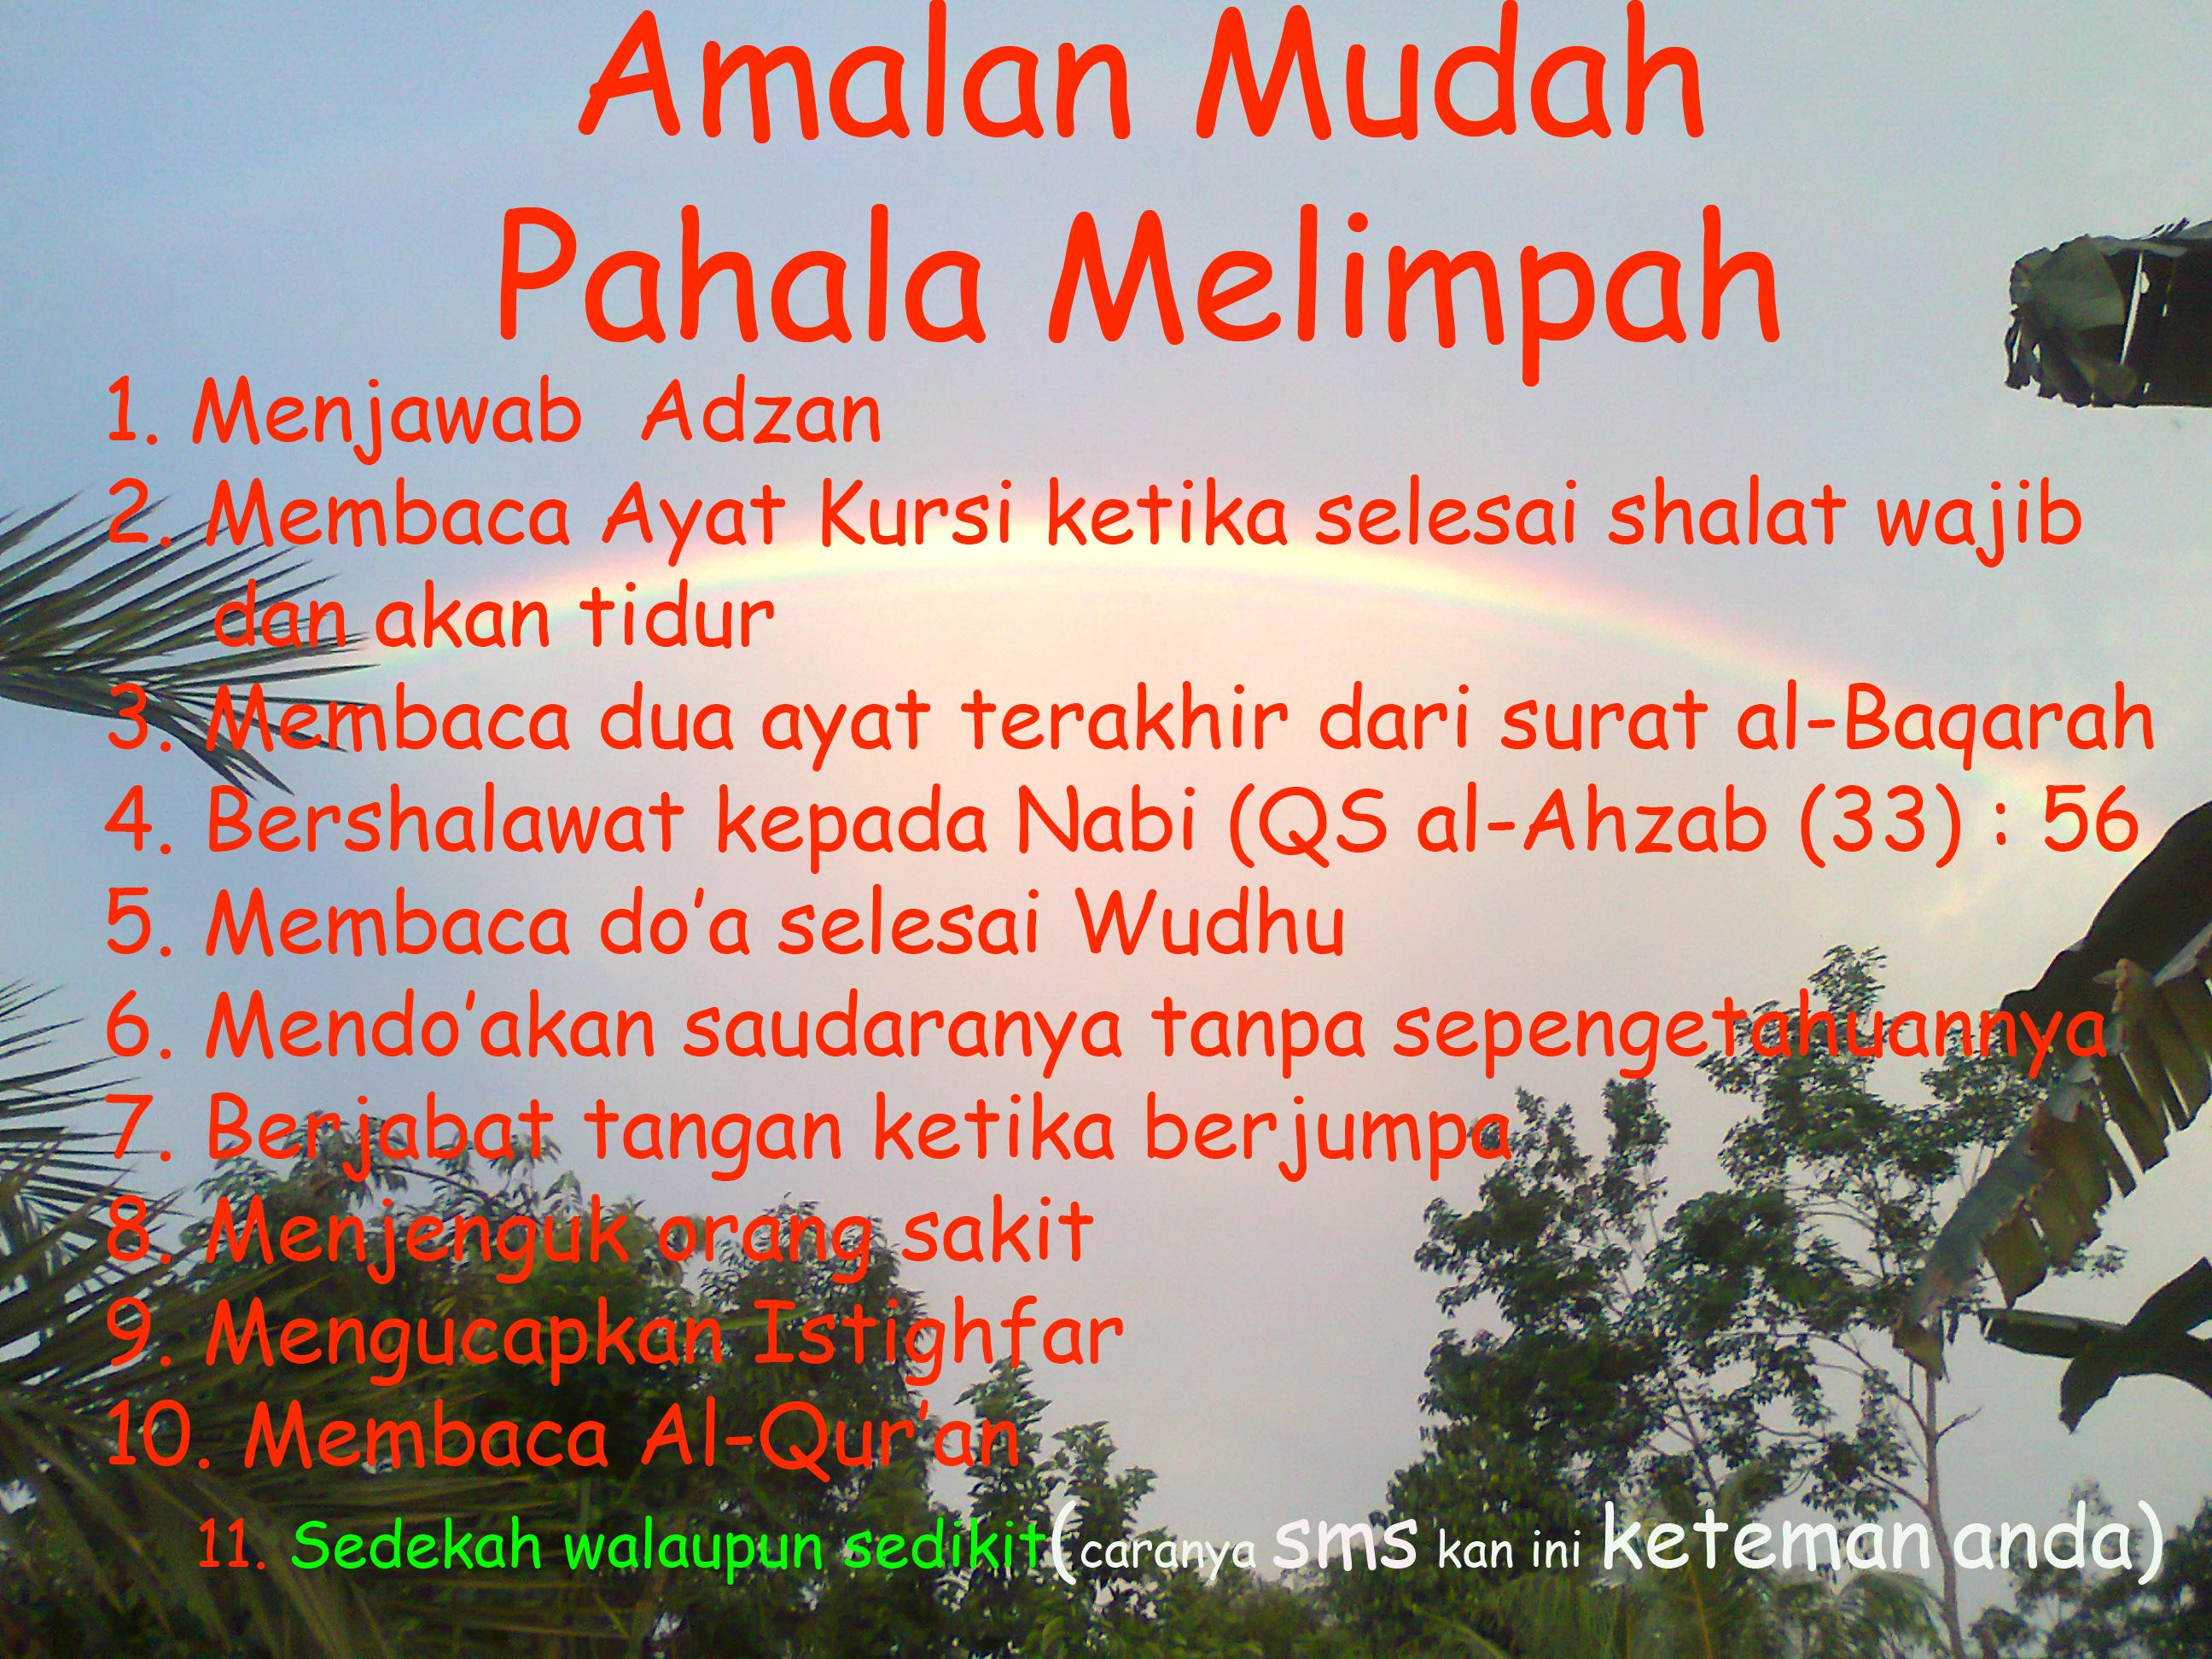 Amalan Mudah Pahala Melimpah Marhenyantoz S Blog